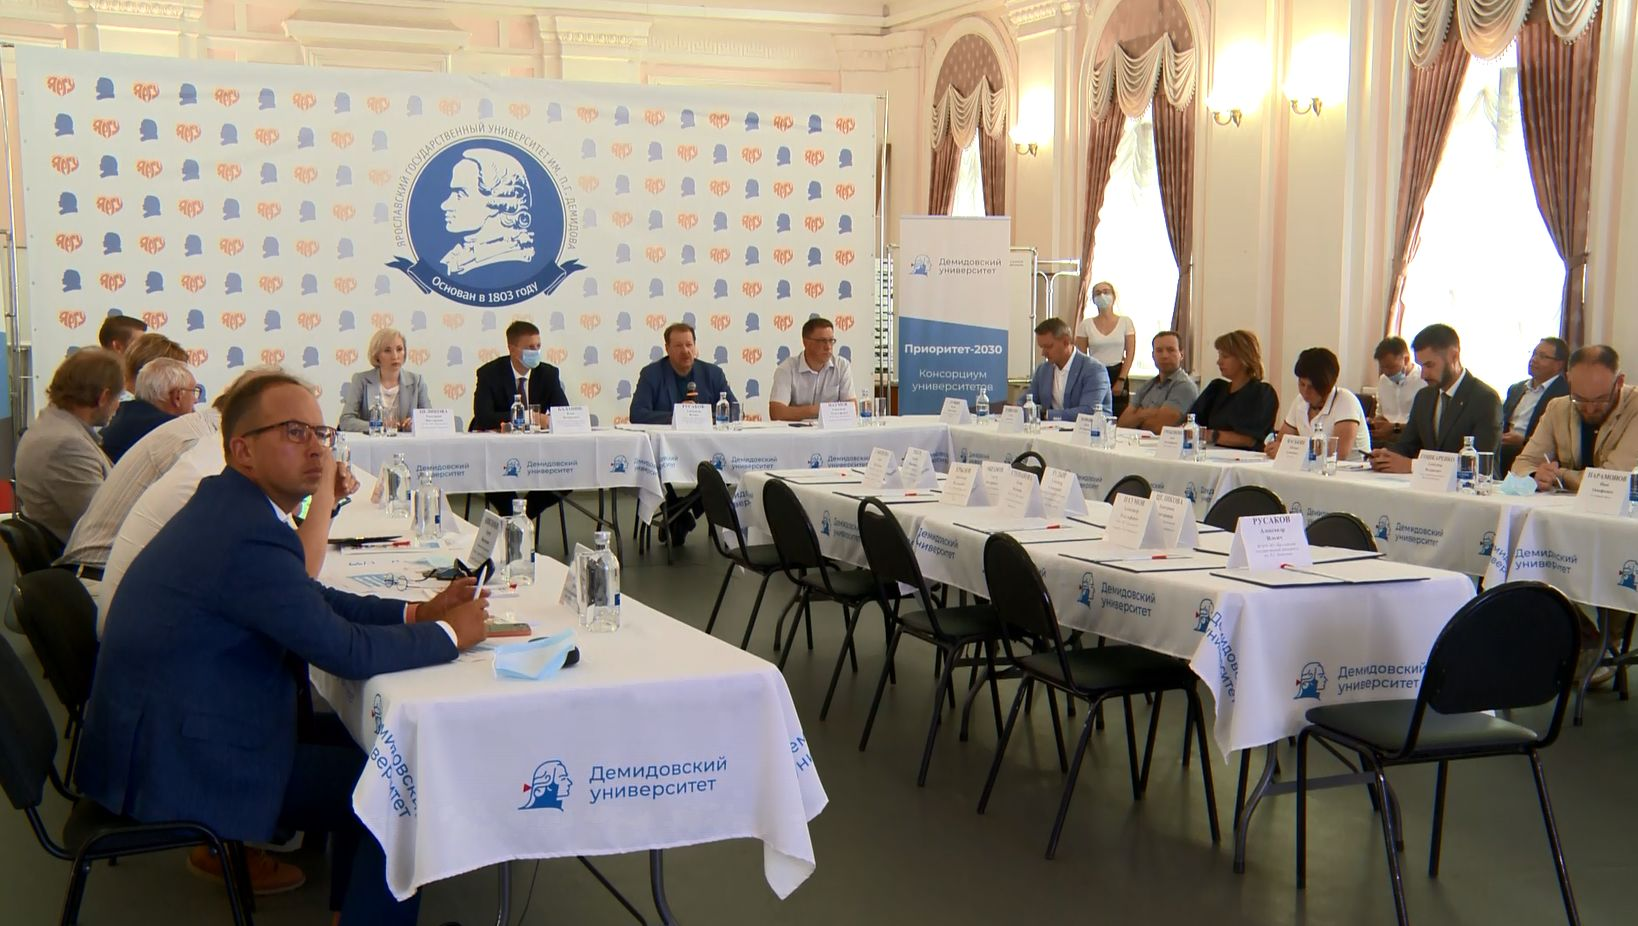 Ярославский университет имени Демидова попал в программу Министерства образования «Приоритет-2030»